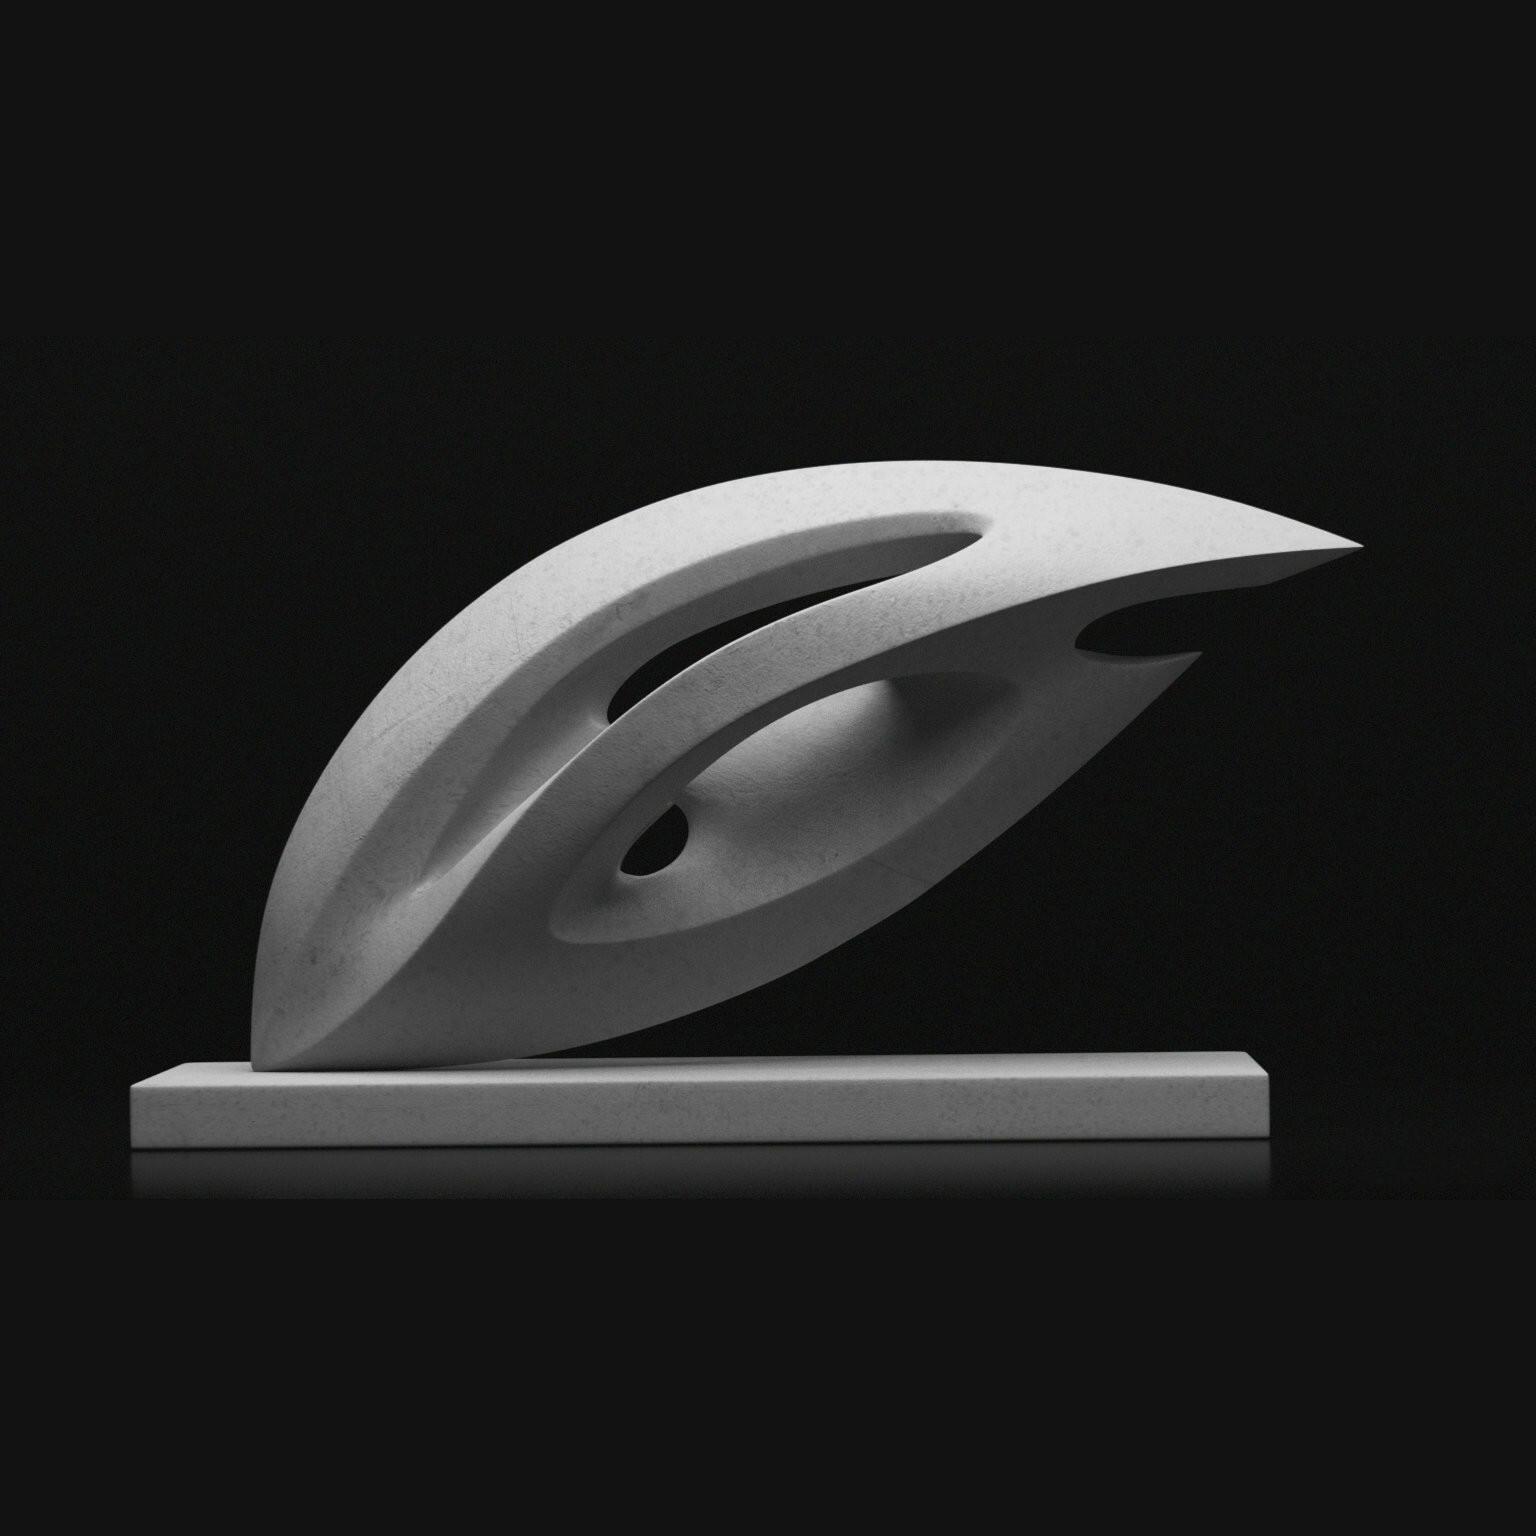 Sculpture 21c